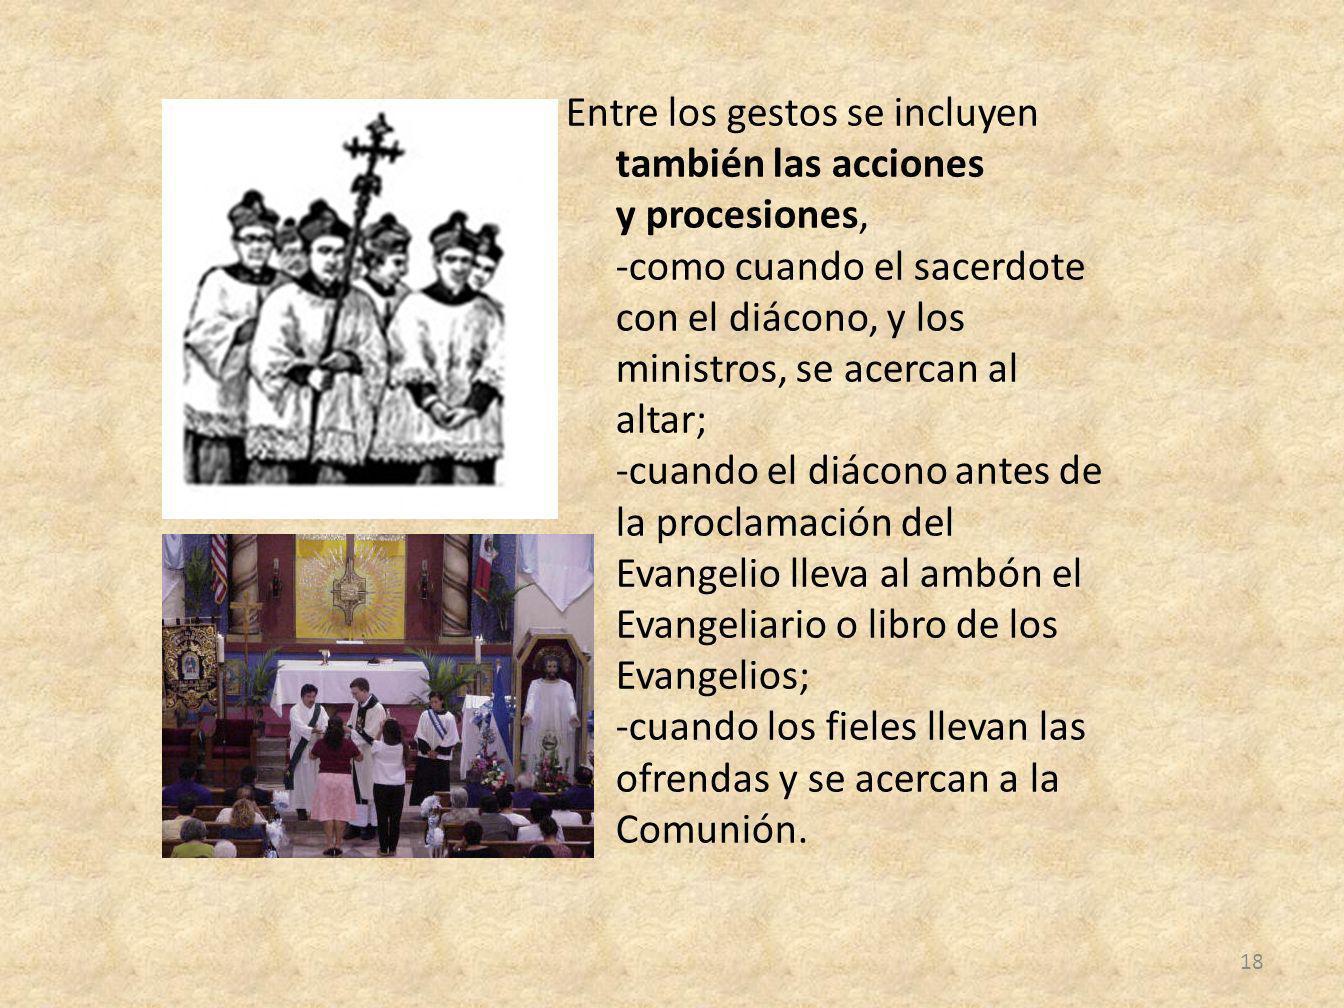 Entre los gestos se incluyen también las acciones y procesiones, -como cuando el sacerdote con el diácono, y los ministros, se acercan al altar; -cuando el diácono antes de la proclamación del Evangelio lleva al ambón el Evangeliario o libro de los Evangelios; -cuando los fieles llevan las ofrendas y se acercan a la Comunión.